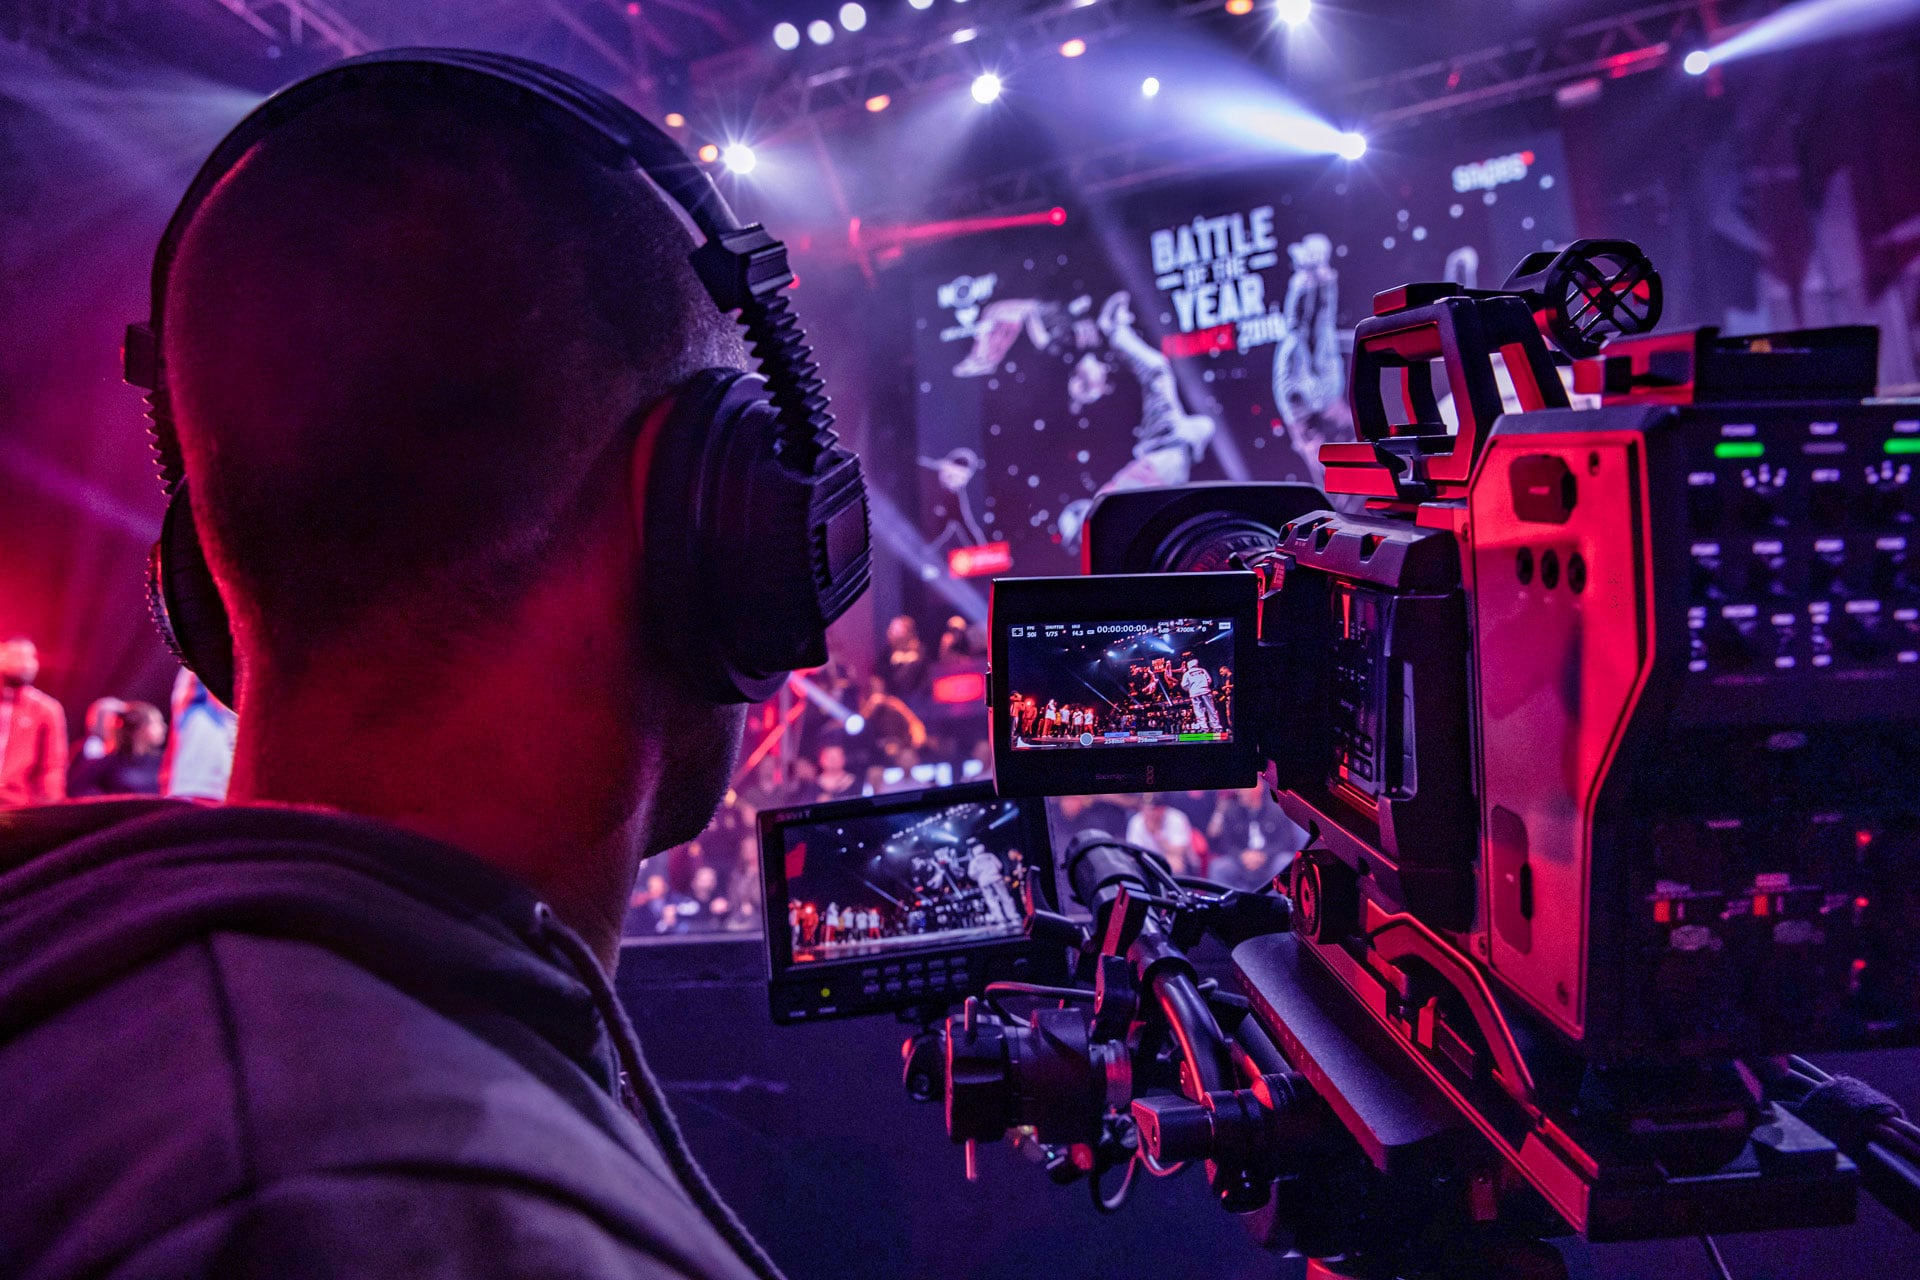 Cameraman en train de filmer l'évènement danse du Battle of the Year au zénith de Montpellier photographie danse